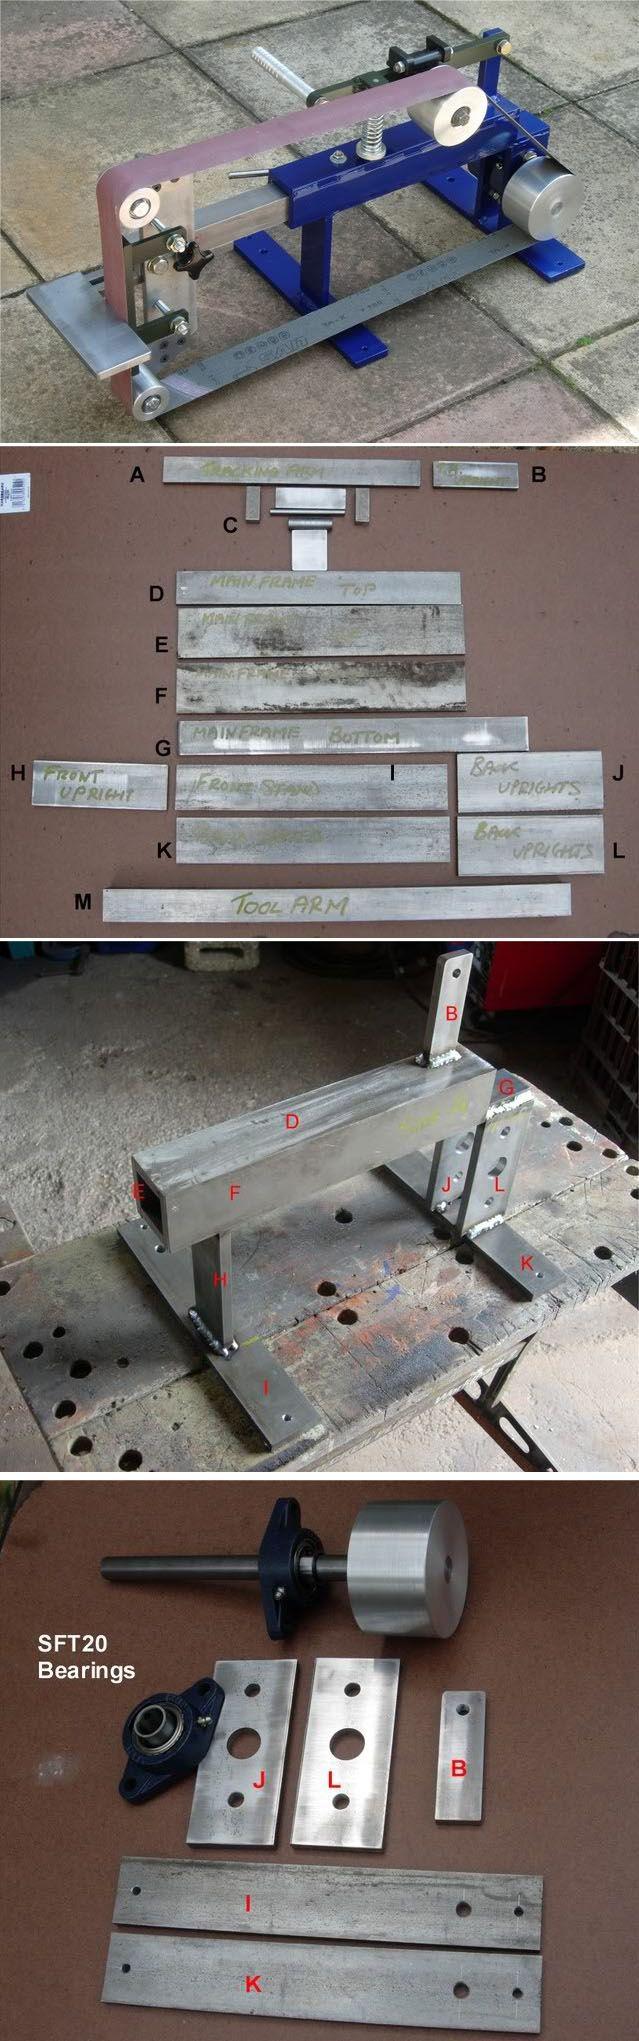 Shop-made Belt Grinder #diy #tools #workshop http://britishblades.com/forums/showthread.php?60352-Let%C2%92s-make-a-Grinder